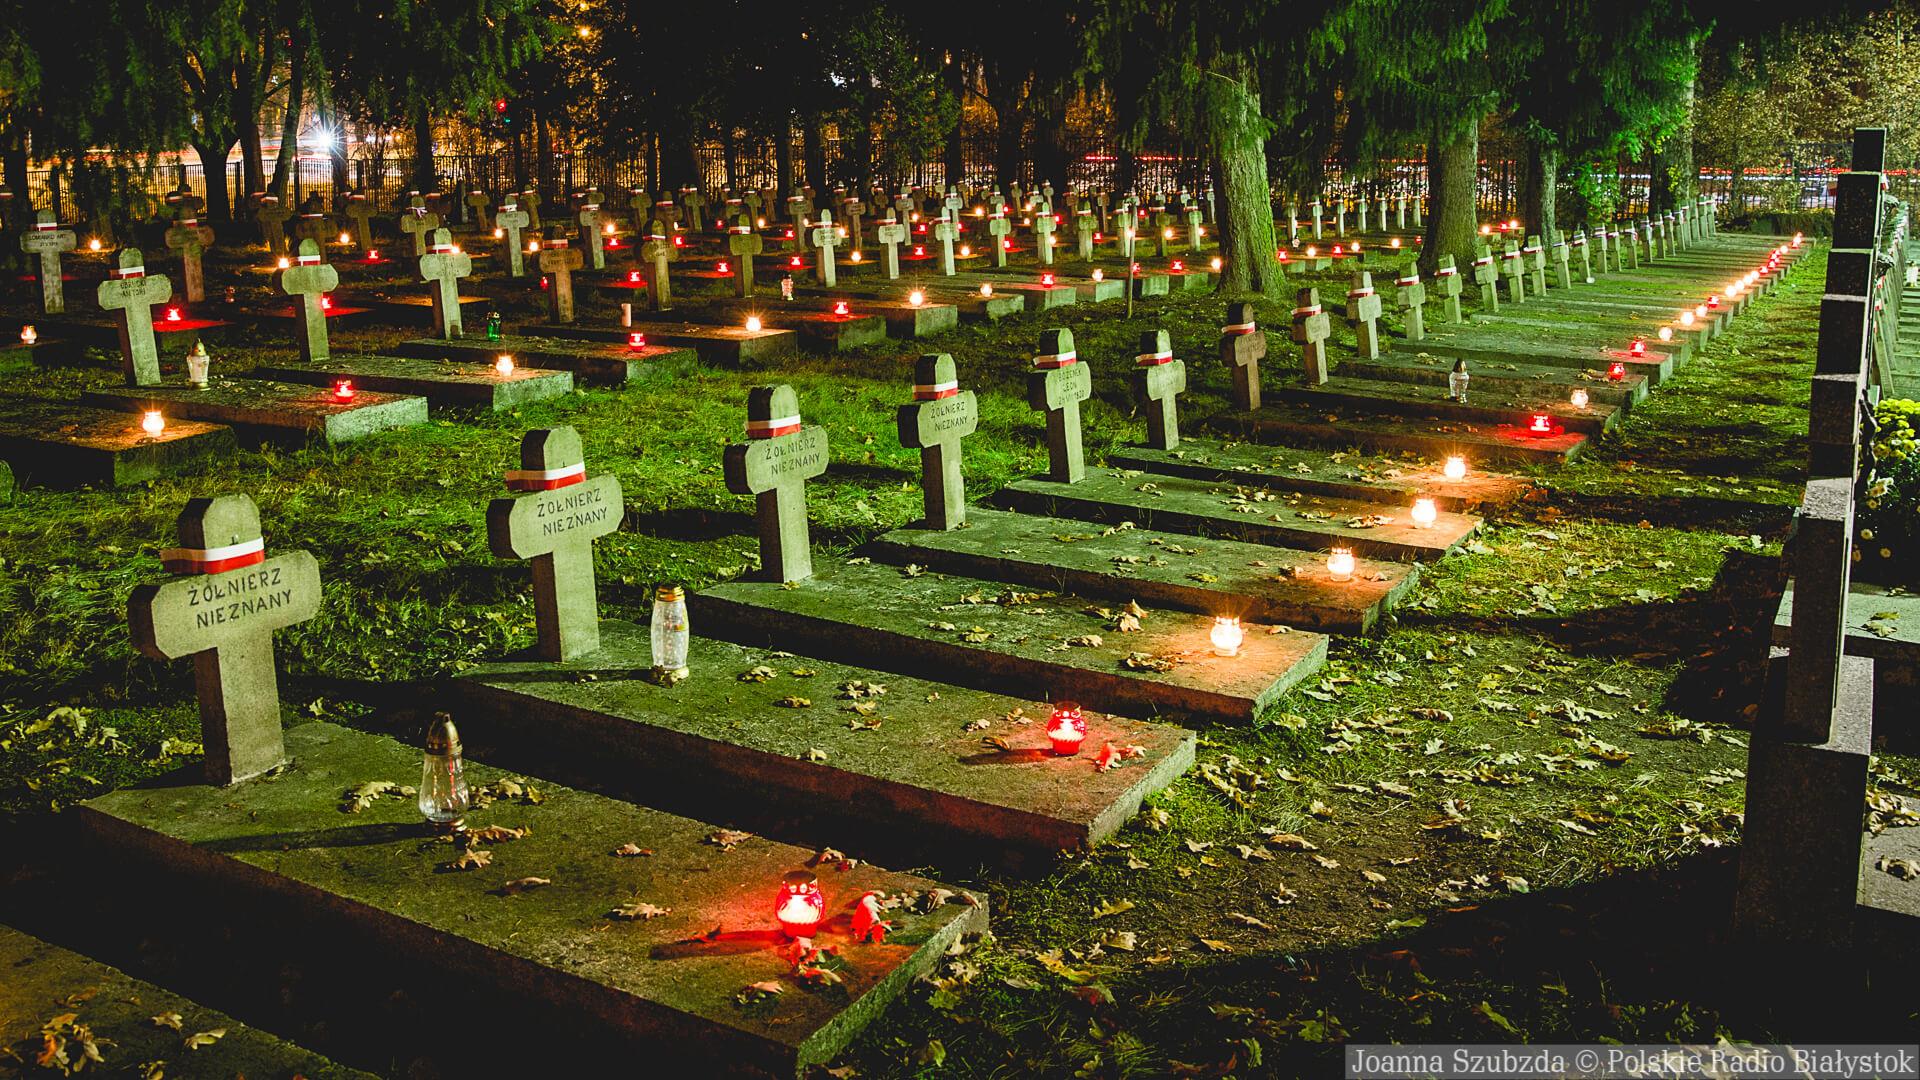 Światło pamięci Niezwyciężonym na 100-lecie niepodlegości, fot. Joanna Szubzda